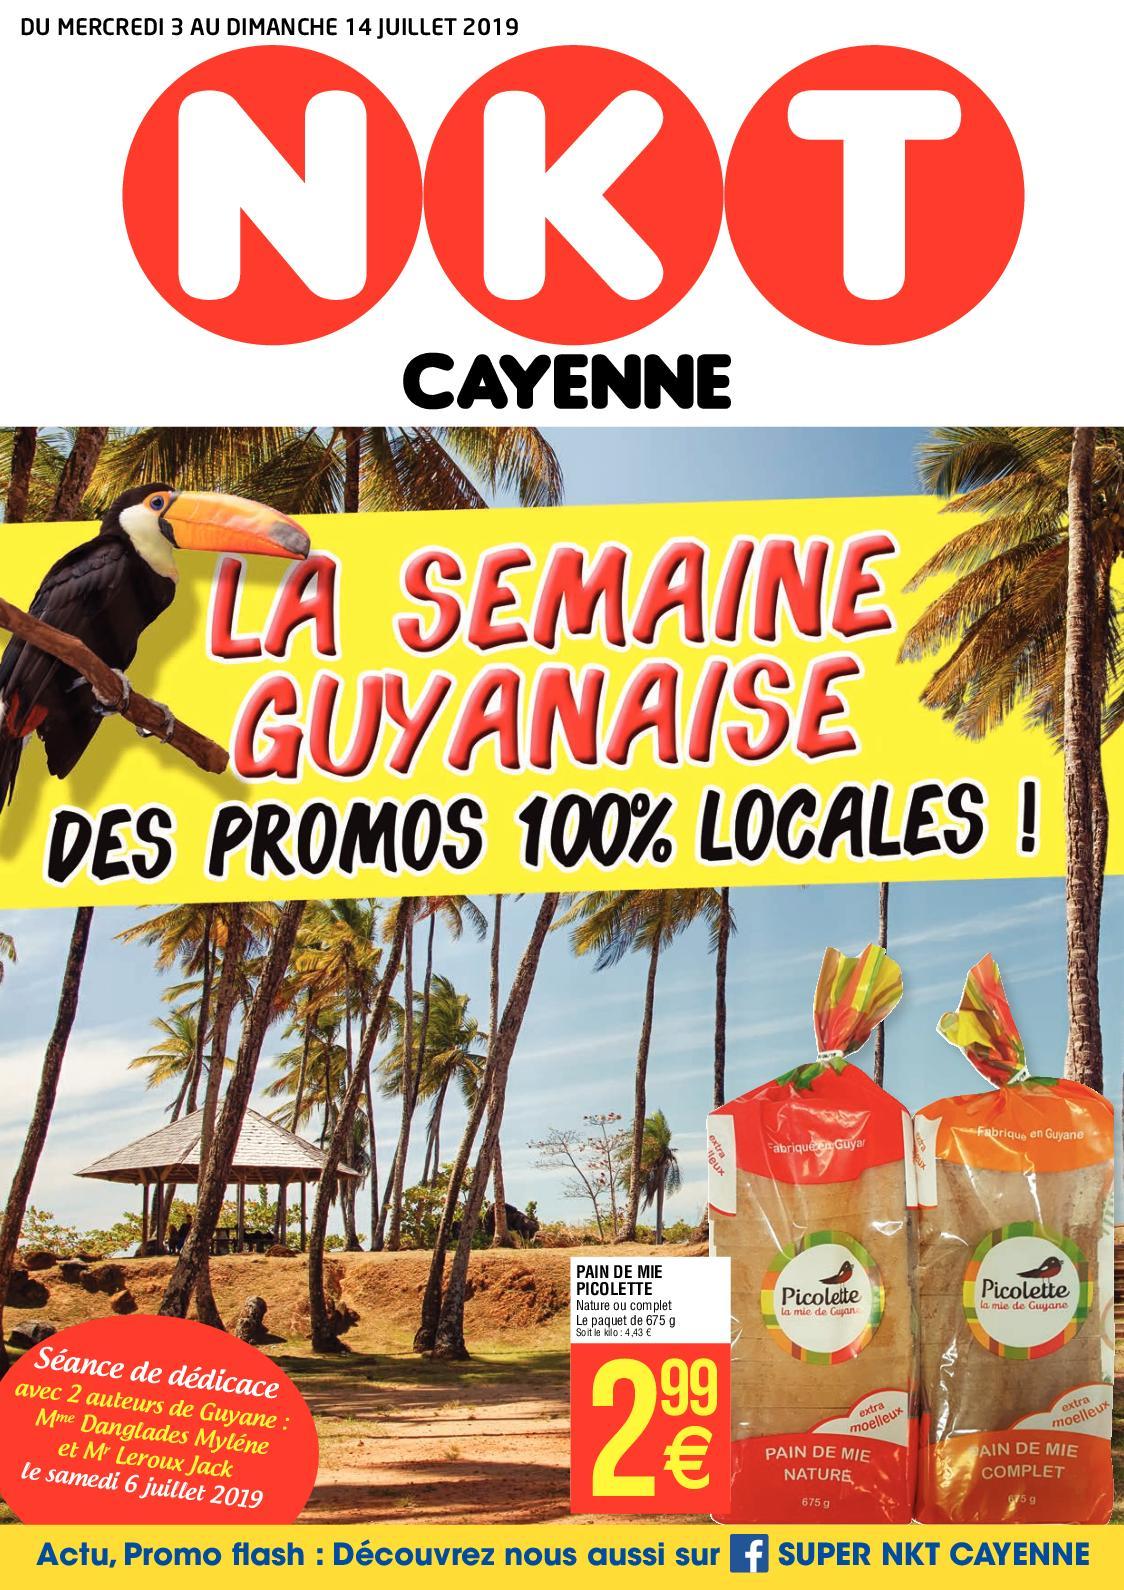 Super NKT Cayenne - Catalogue Semaine Guyanaise du 03 Juillet au 14 Juillet 2019